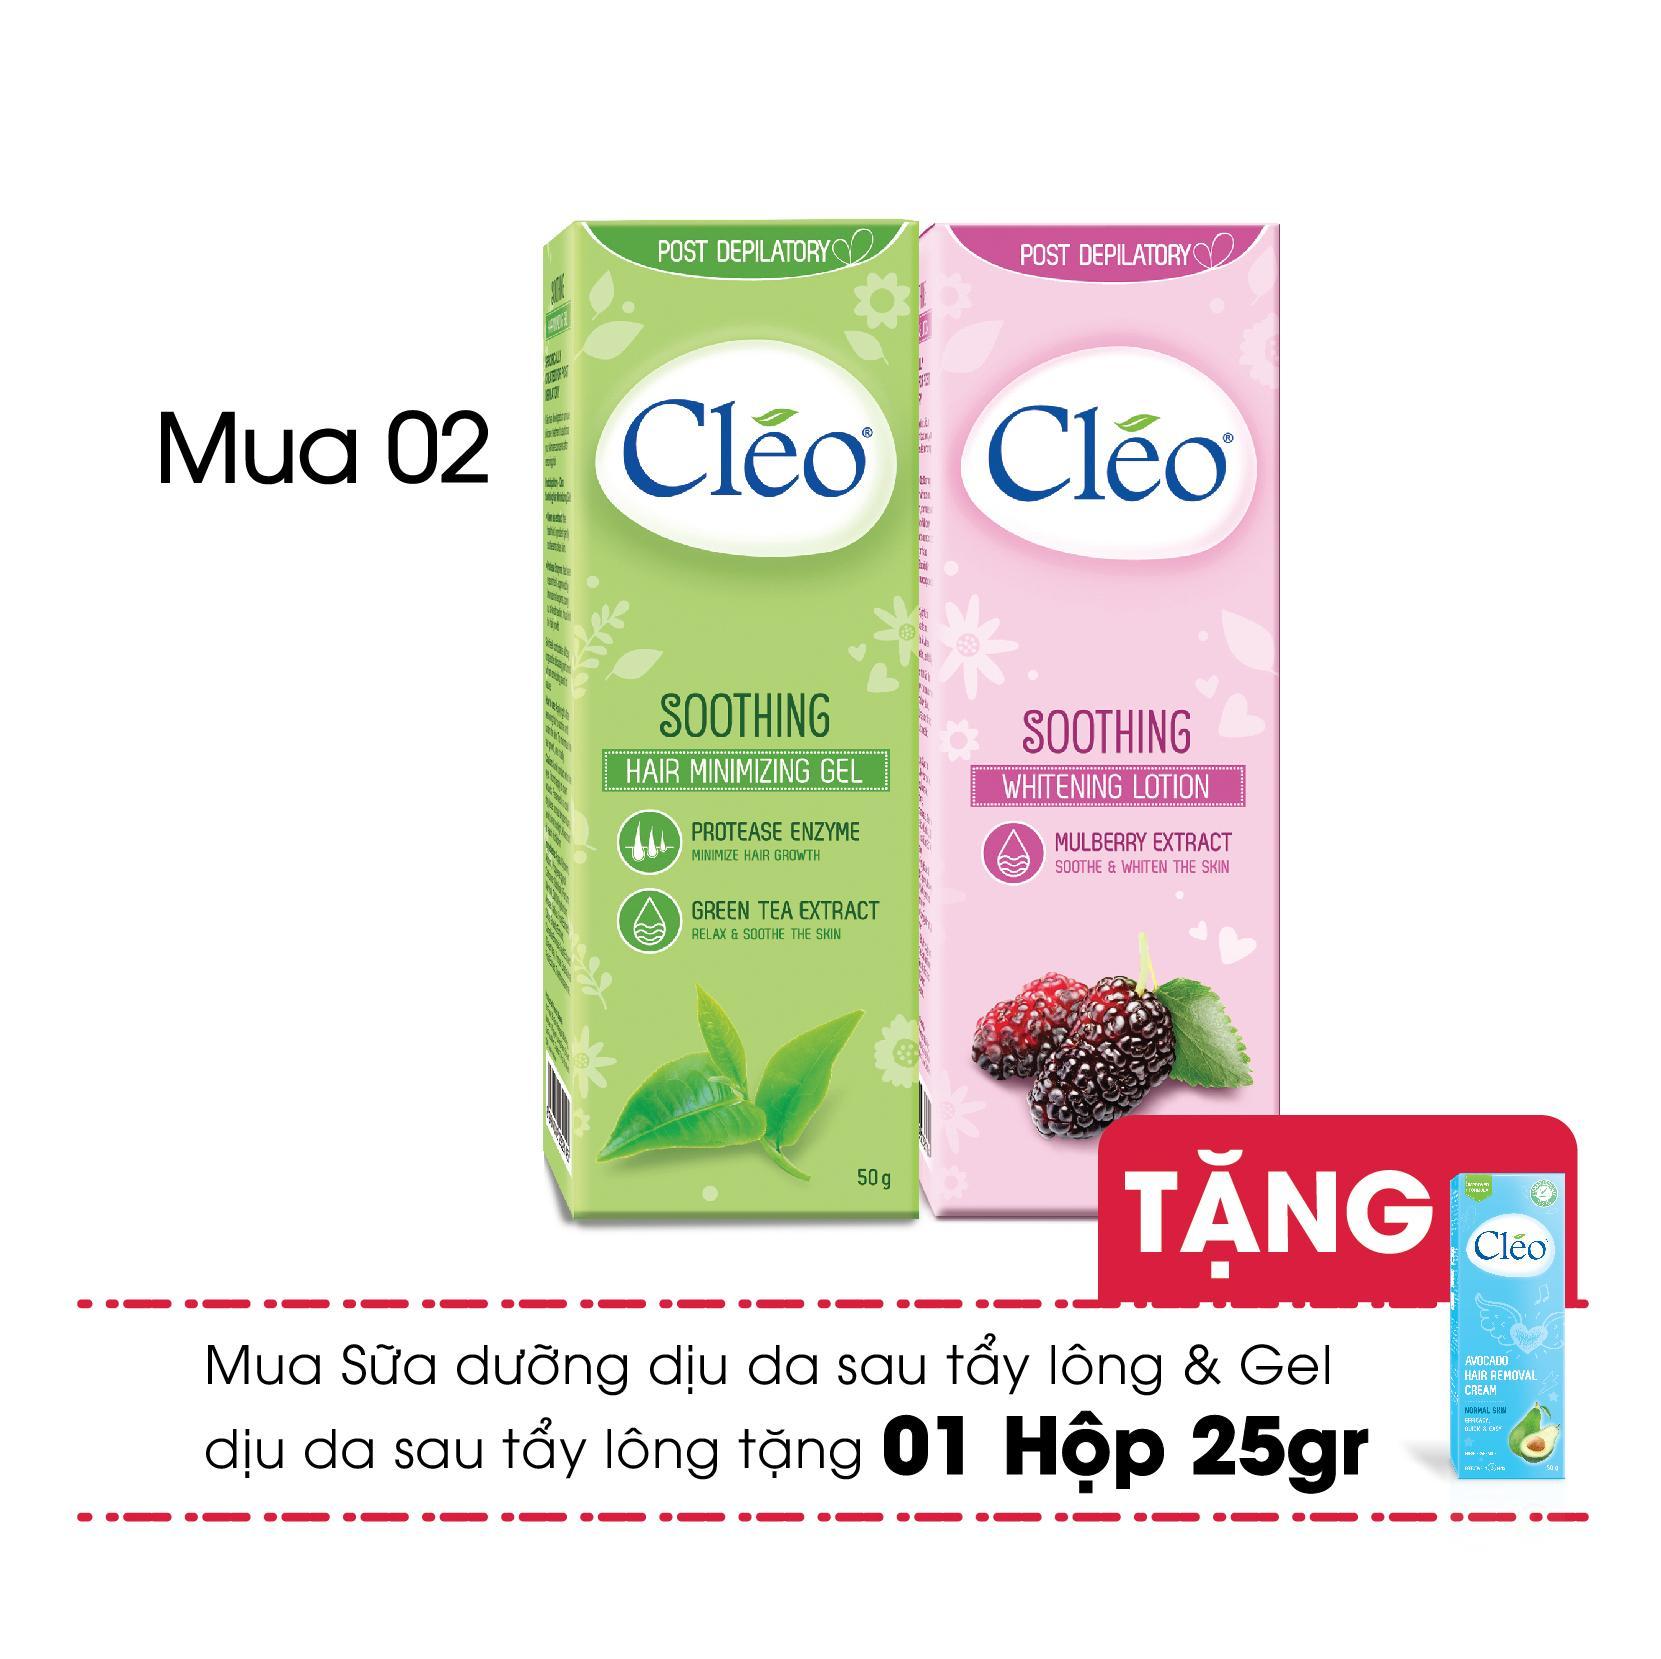 Combo Sữa dưỡng dịu da sau tẩy lông Cléo trắng sáng da 50g + Gel Dịu Da Sau Tẩy Lông Cléo Giúp Chậm Mọc Lông (50g) - Tặng 1 Cleo 25gr